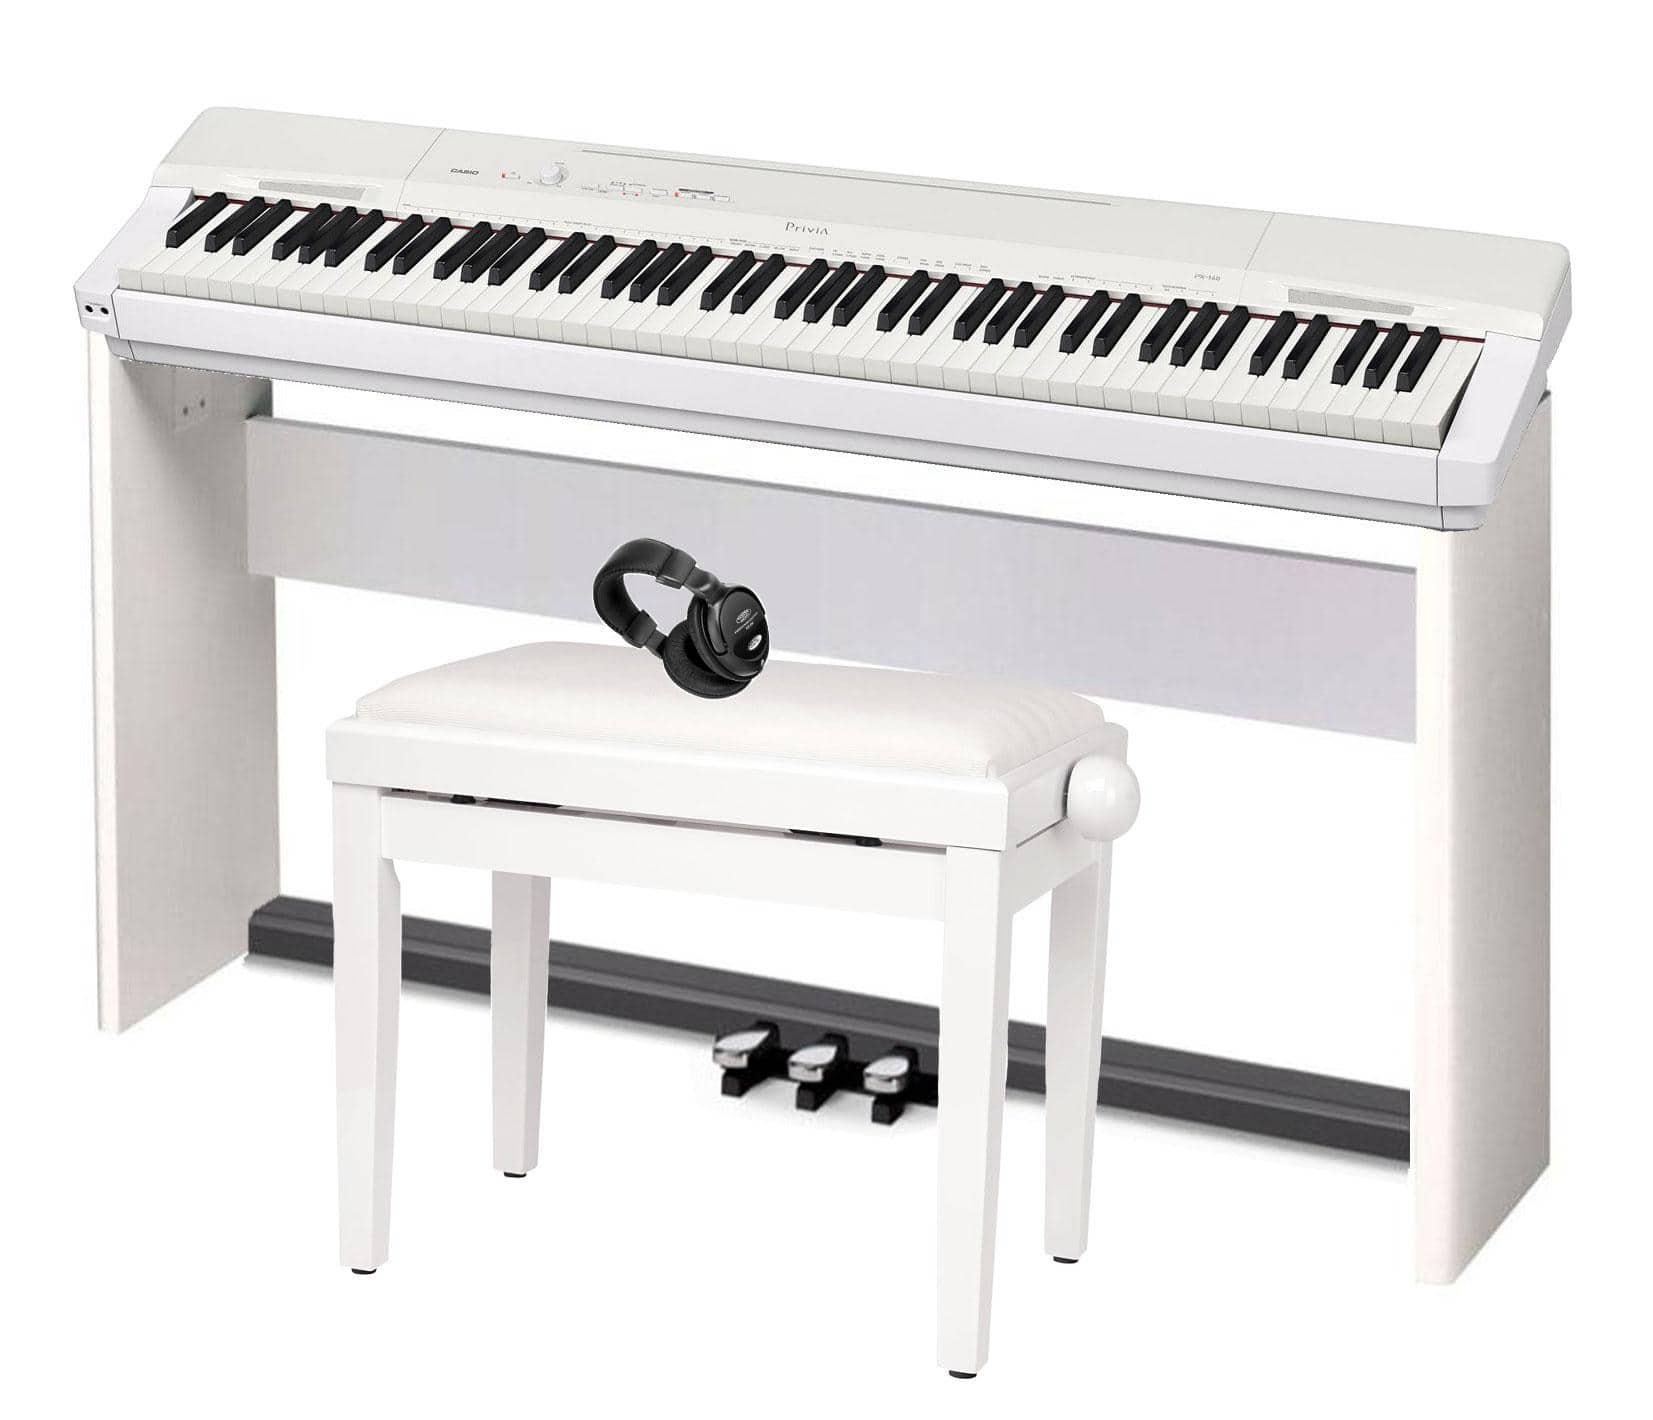 Casio Privia PX 160 WE Portable Piano Deluxe SET white